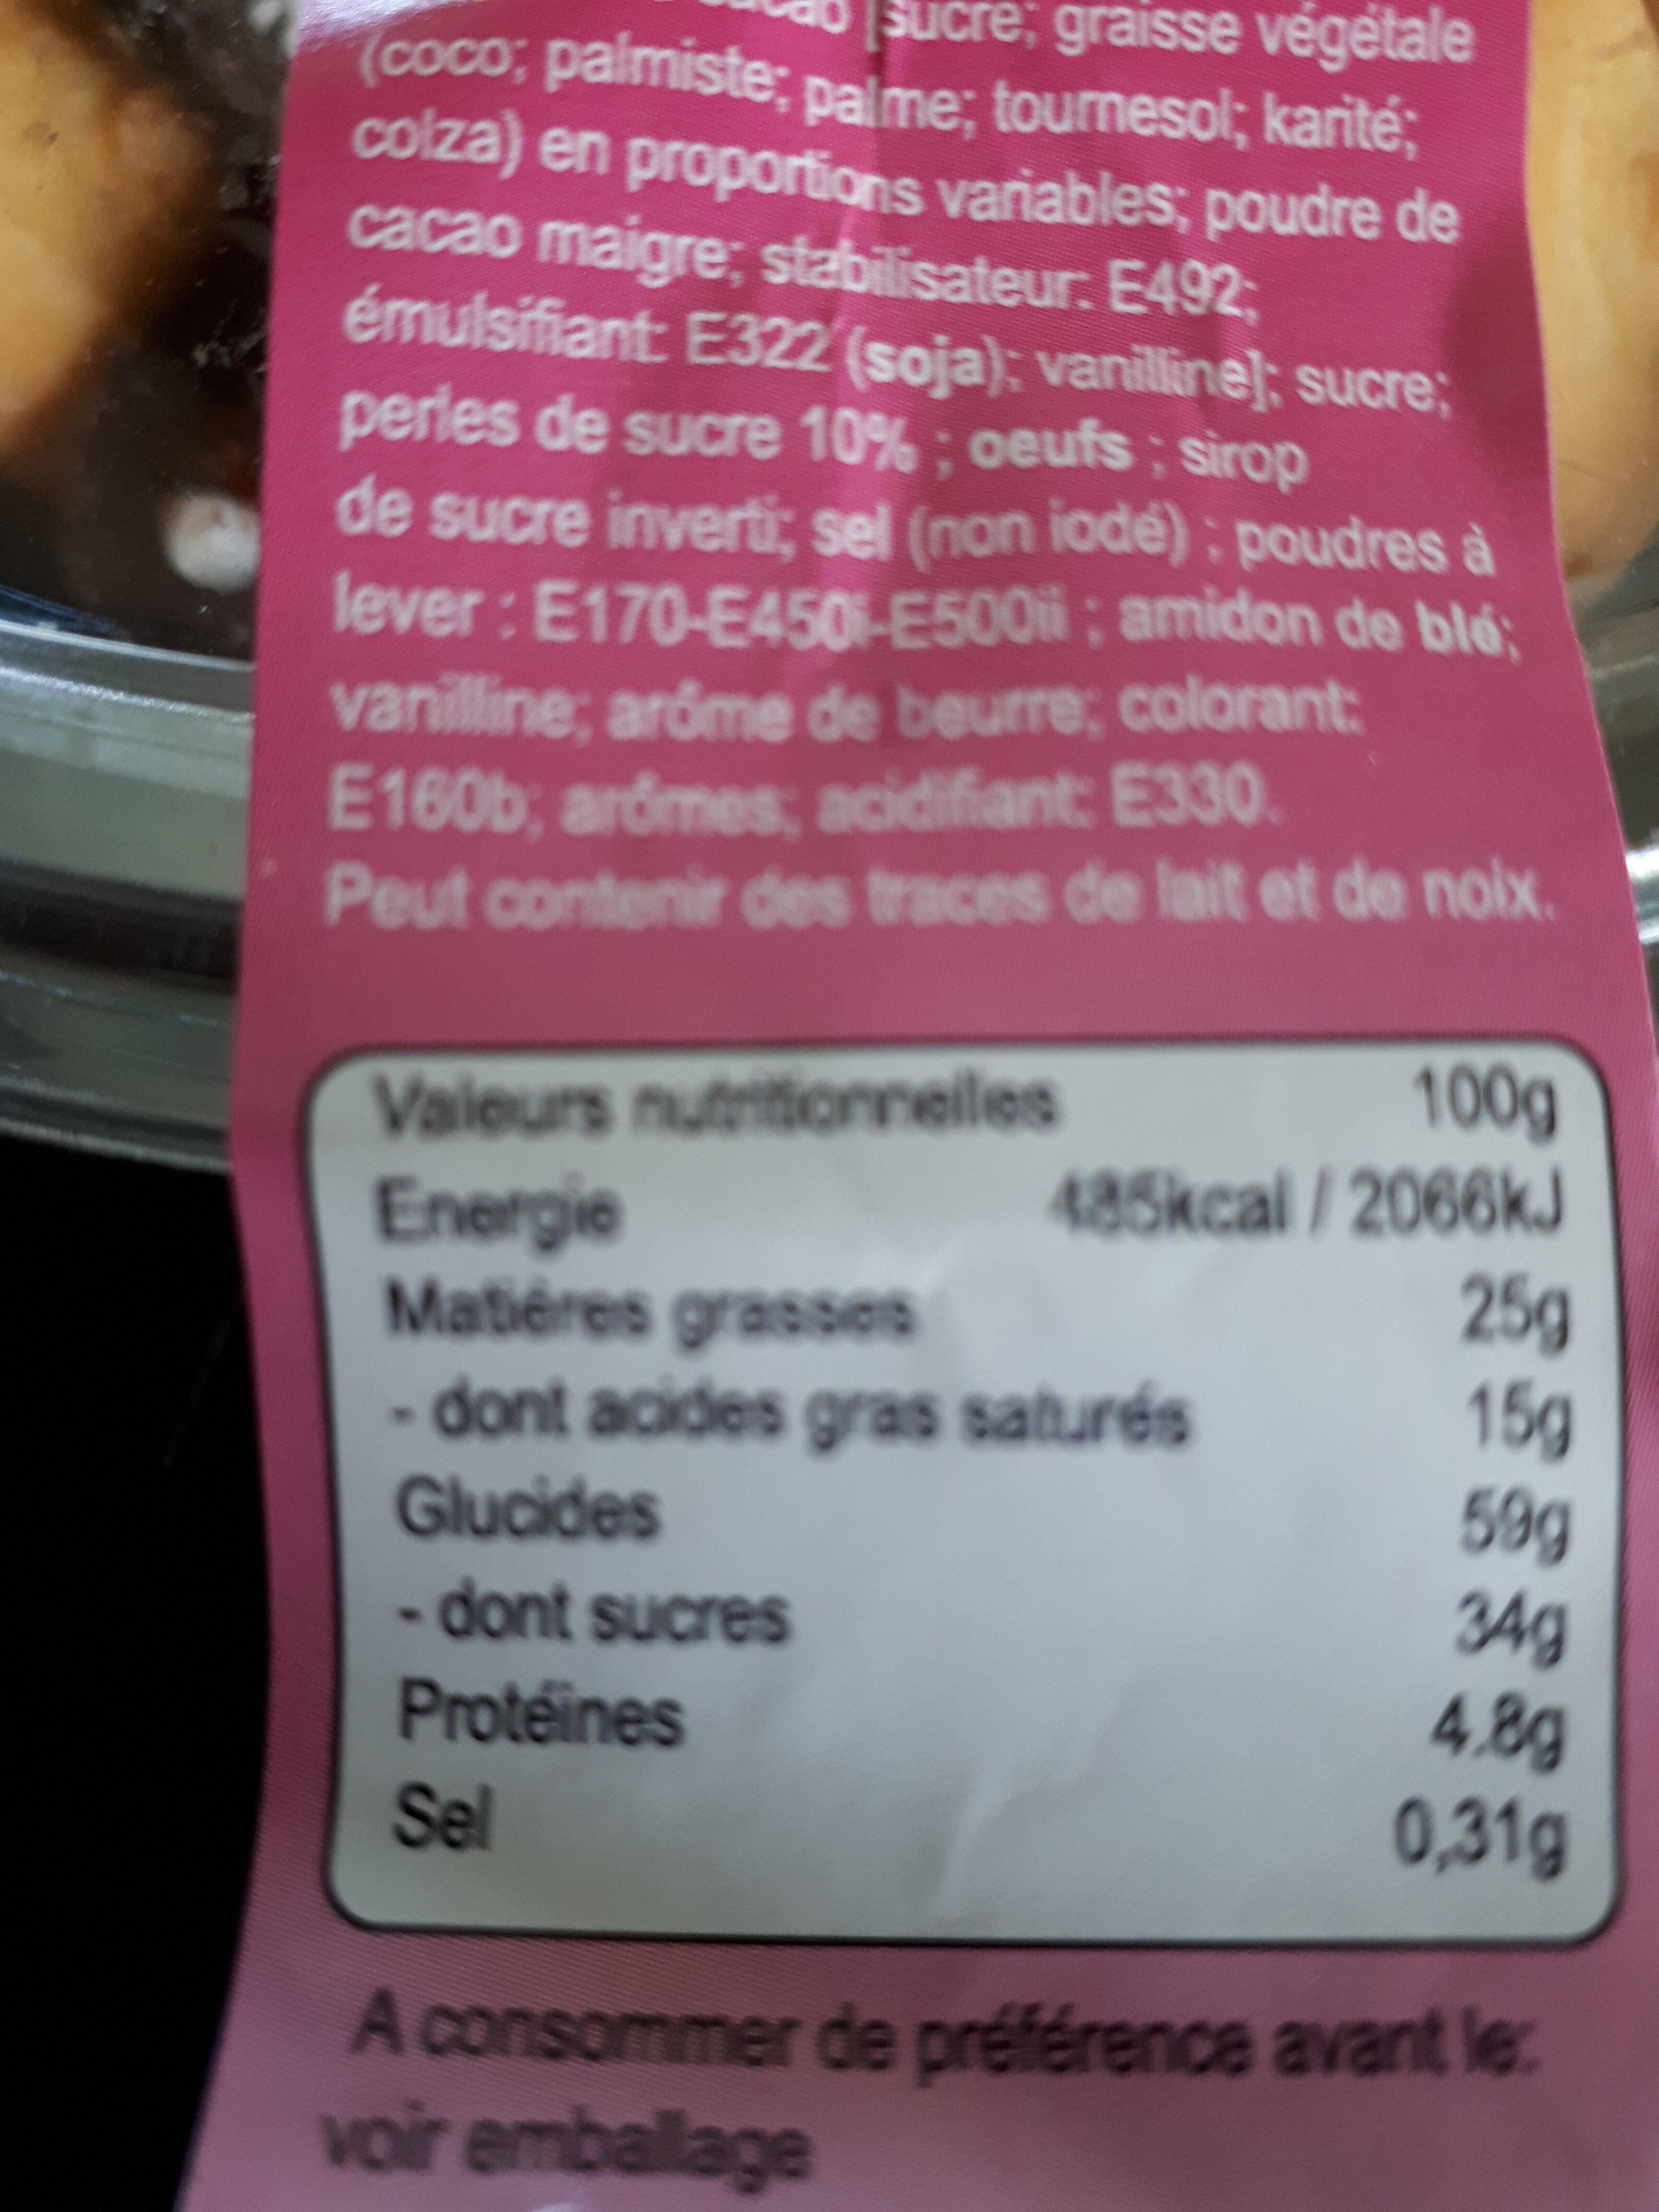 Palets aux perles de sucres - Informations nutritionnelles